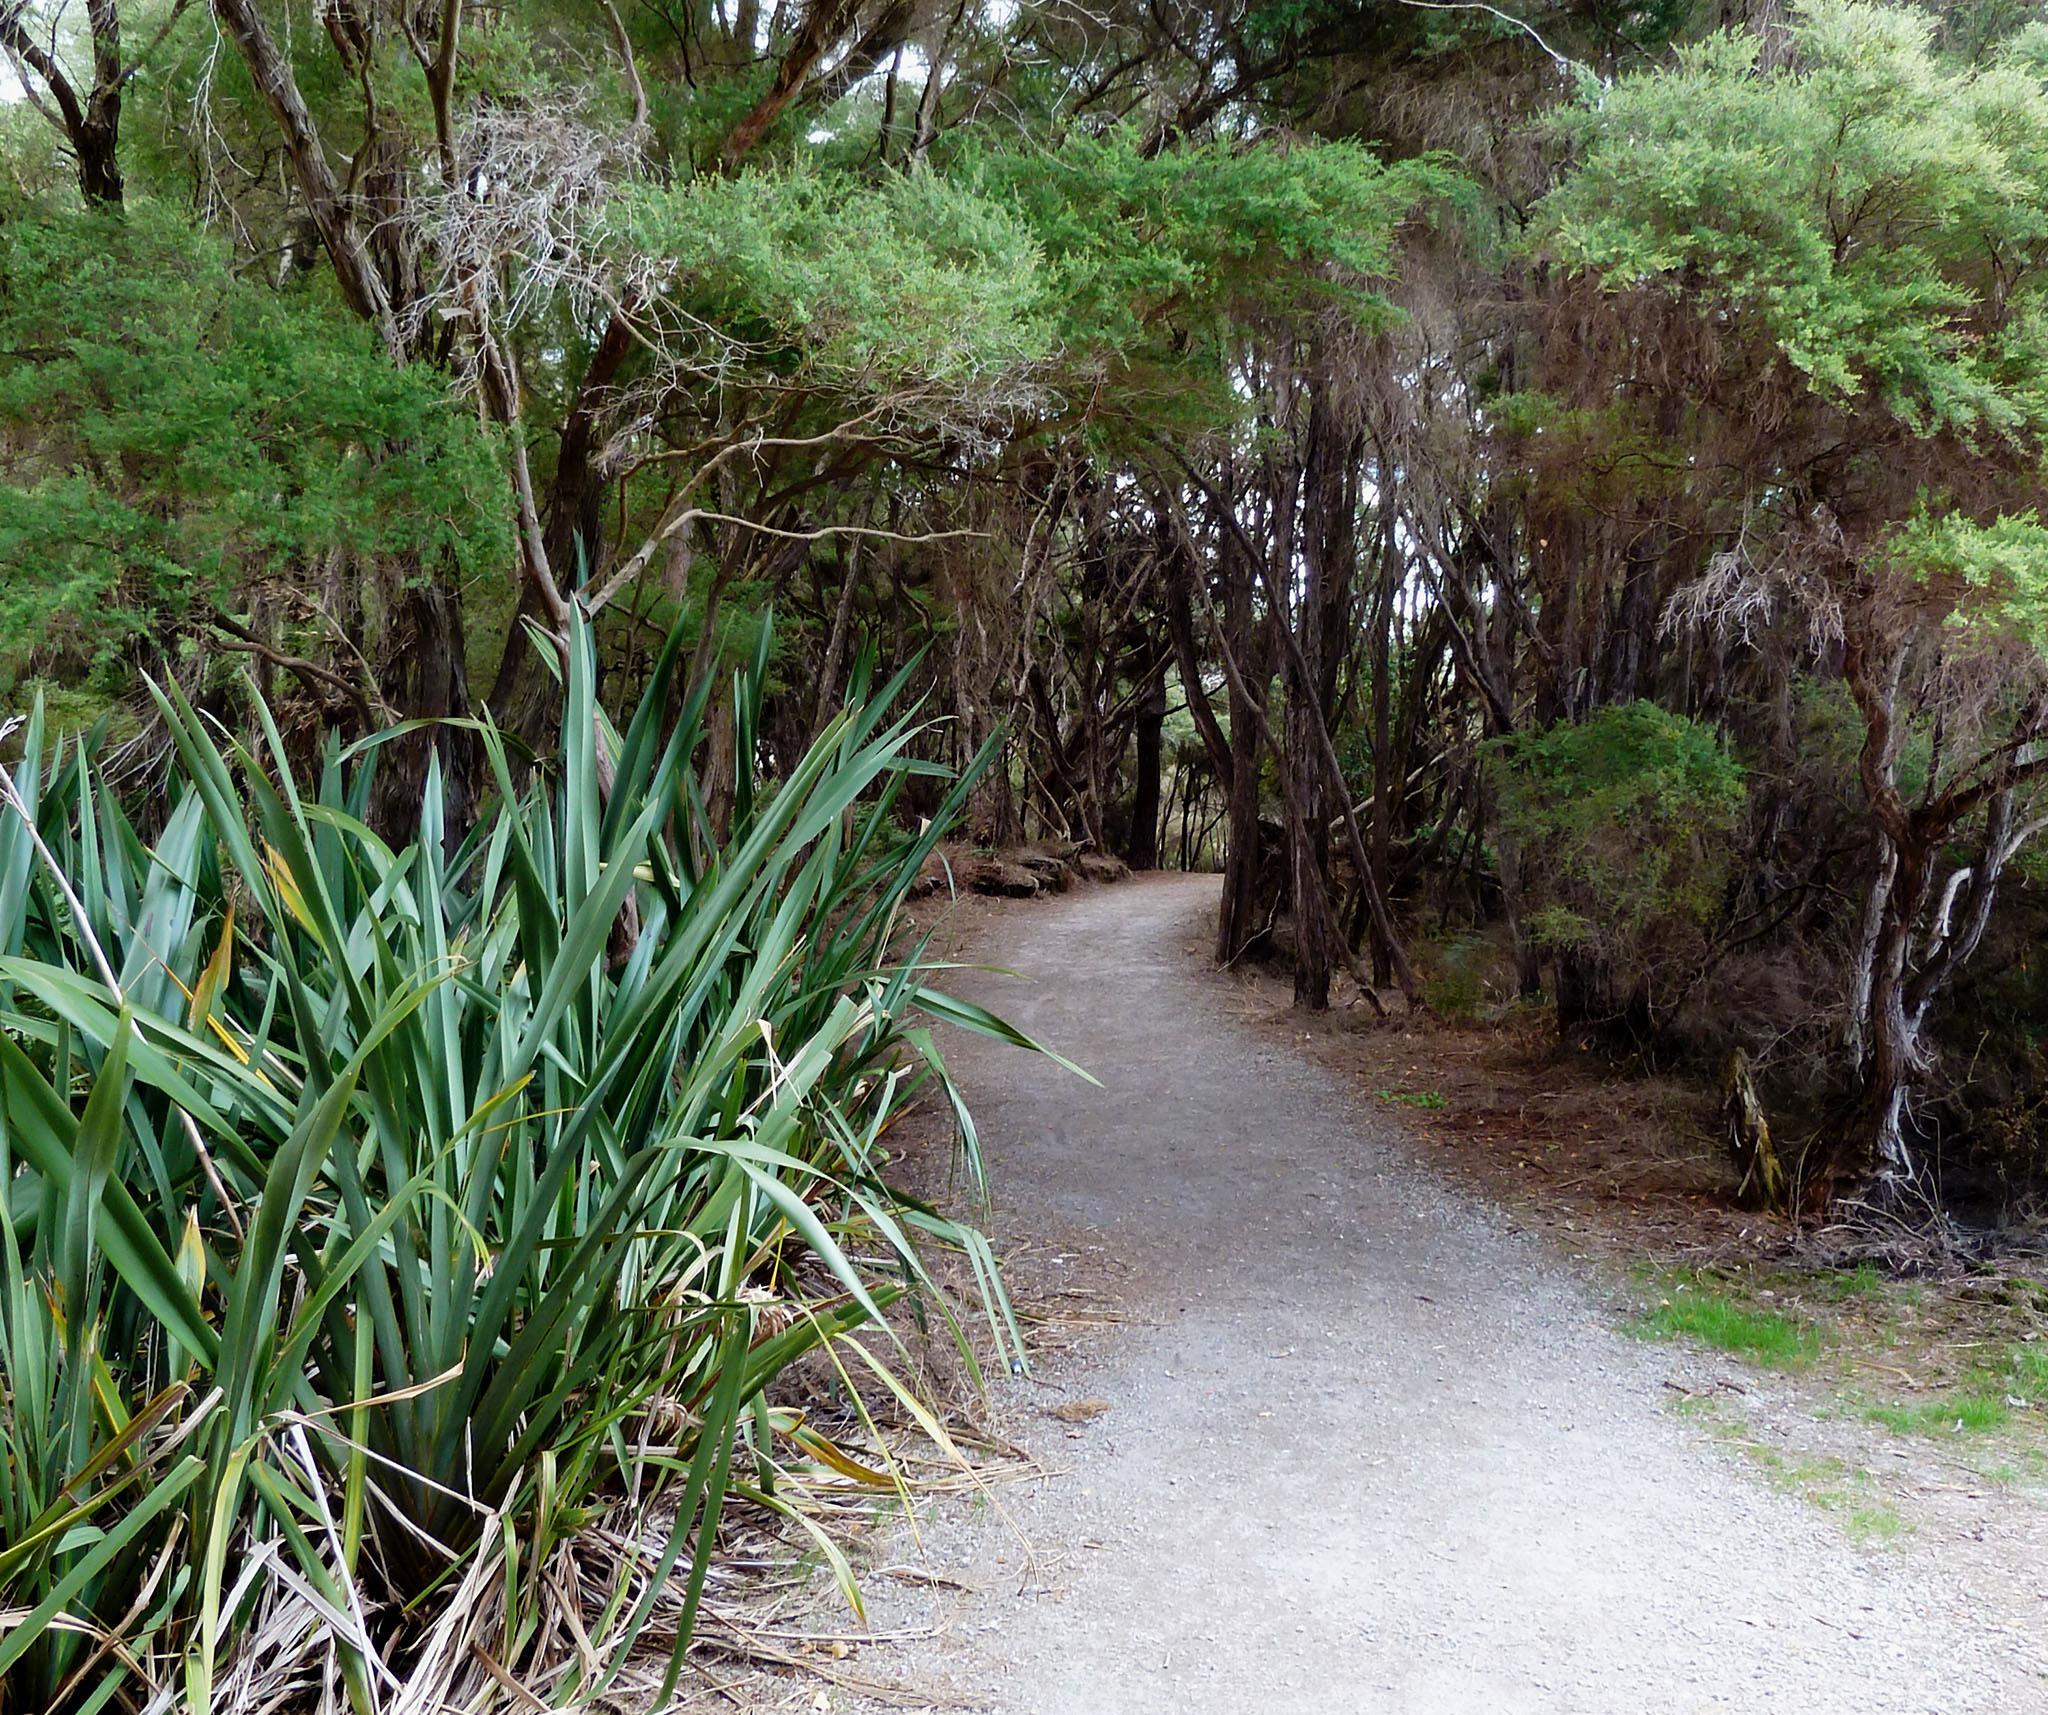 Sentier en bordure du lac de Rotorua en Nouvelle-Zélande